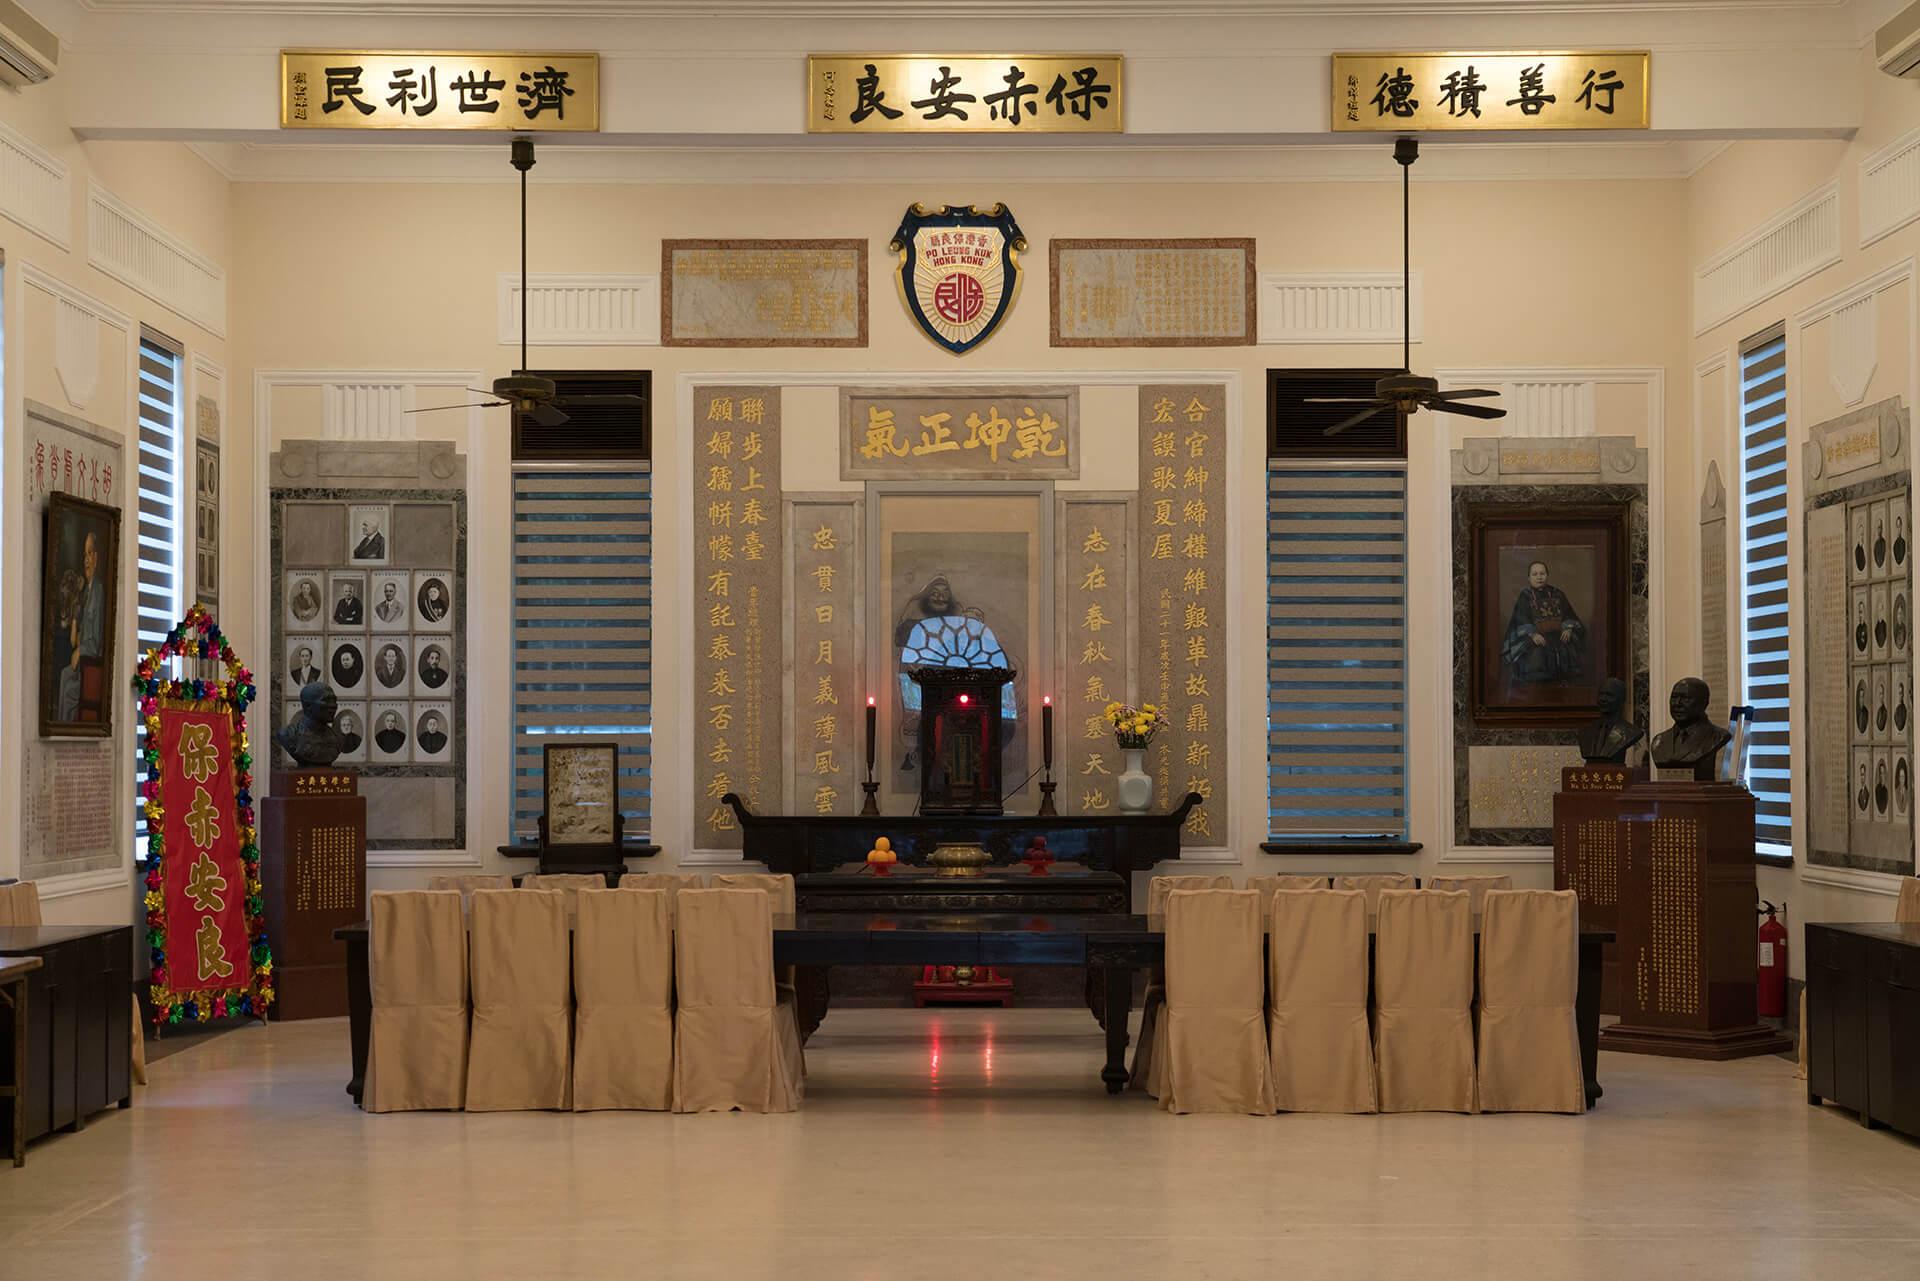 關帝廳現址在銅鑼灣禮頓道保良局總局,平日開放給公眾參觀。